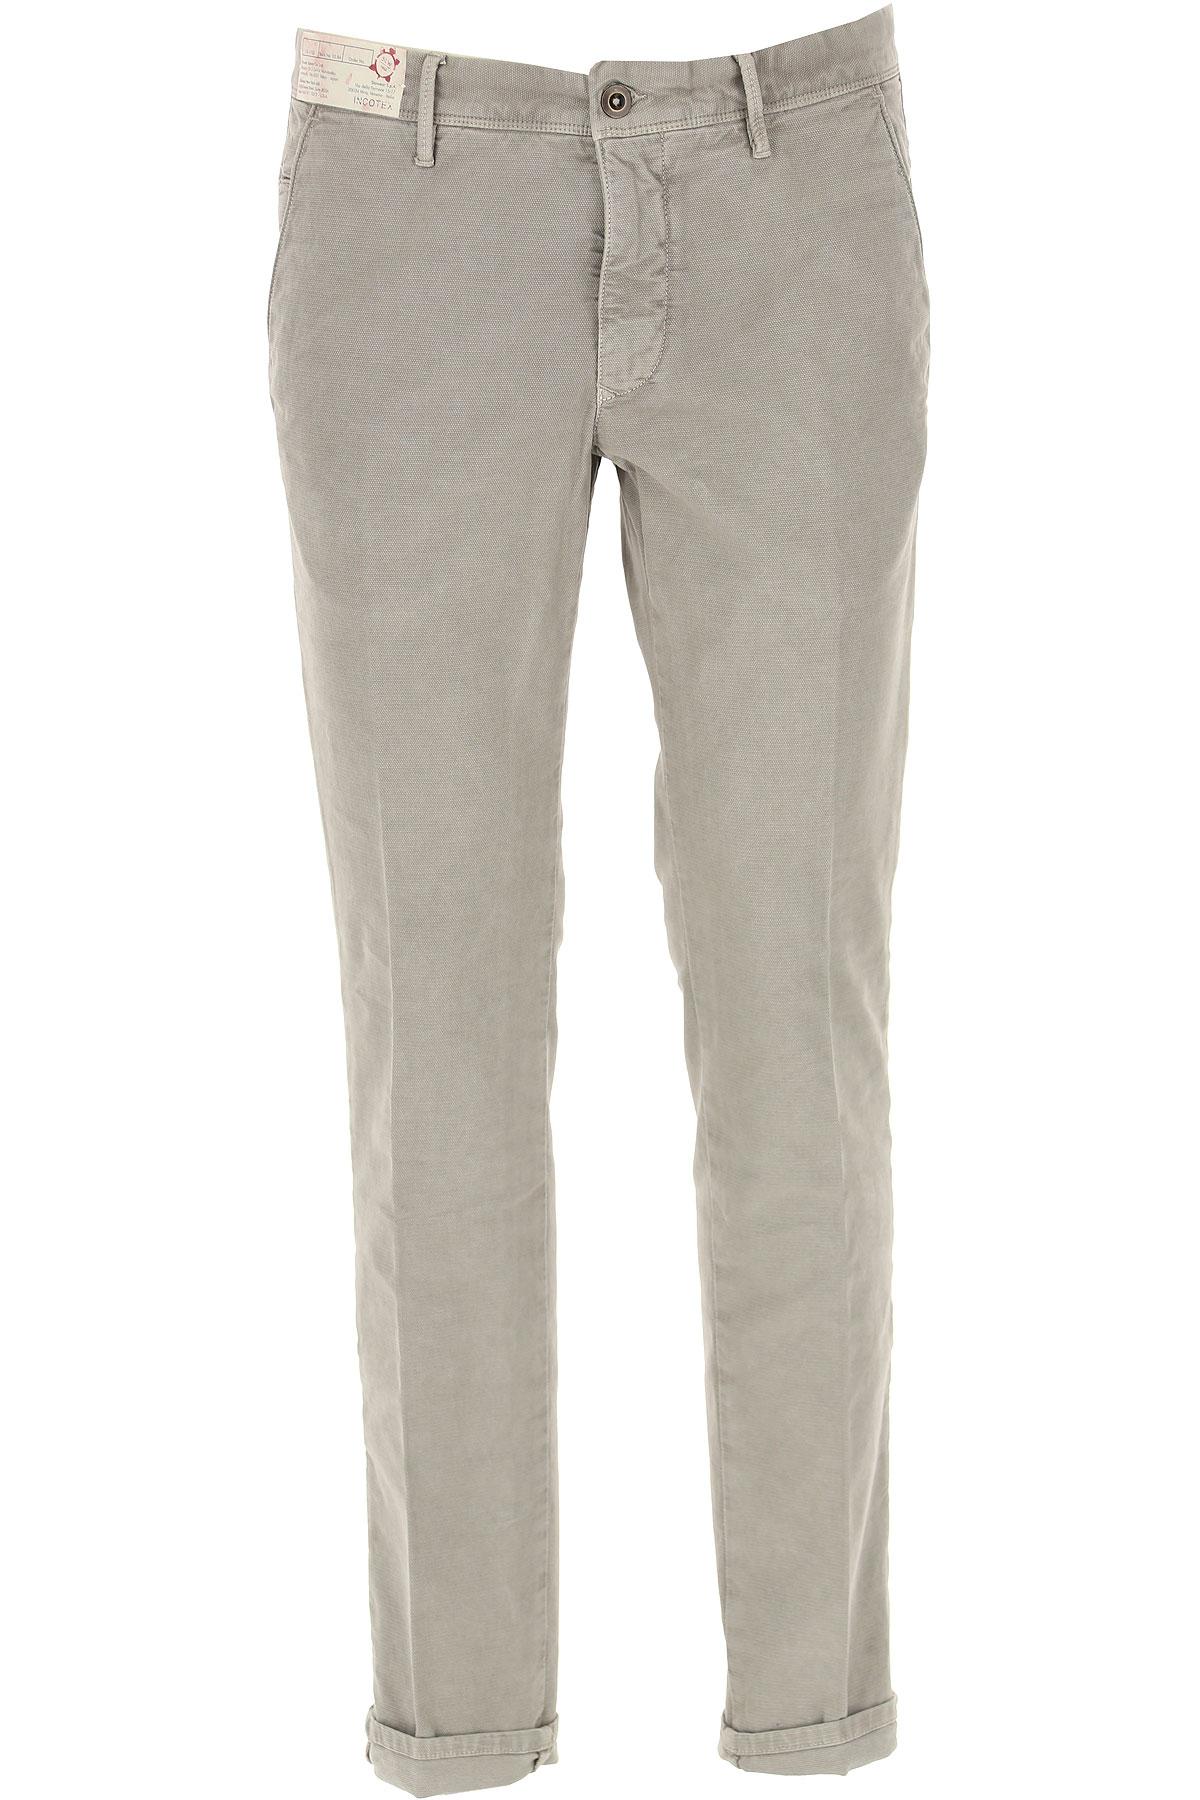 Incotex Pantalon Homme, Gris, Coton, 2019, 48 49 50 51 52